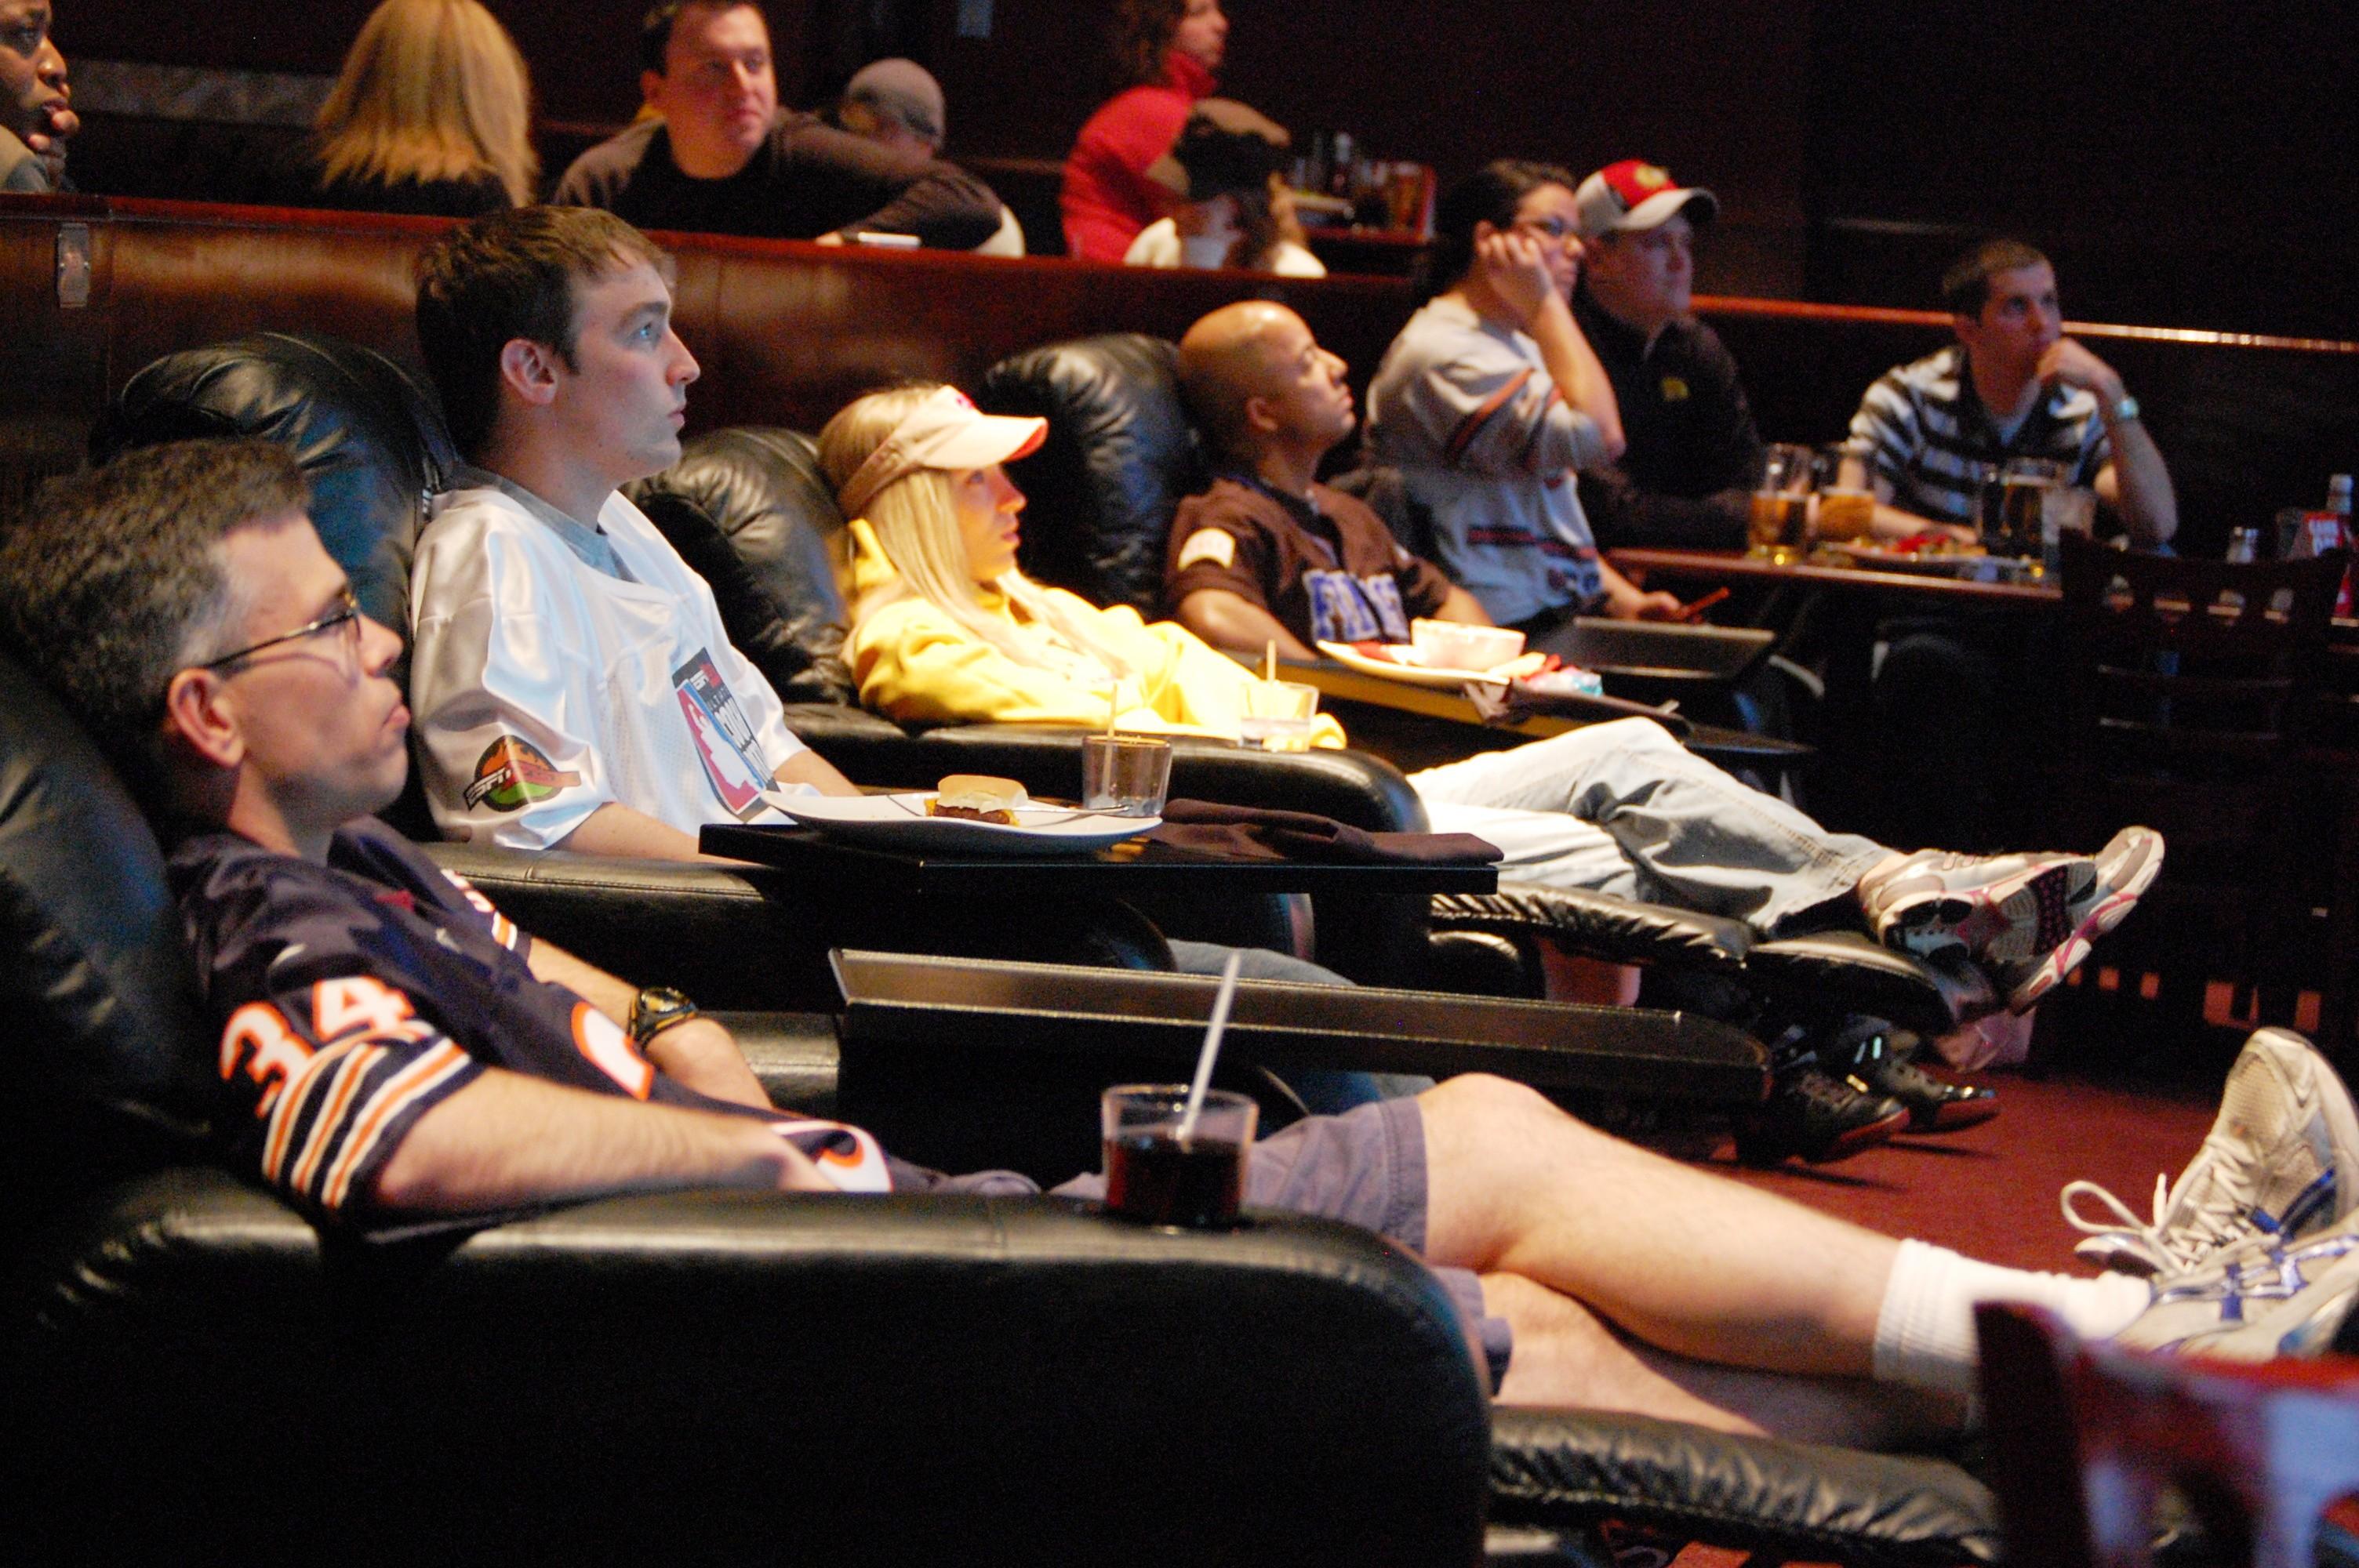 2009_ESPN_Zone_Chicago_Ultimate_Couch_Potato_Contestant_-_Steve_Janowski_03